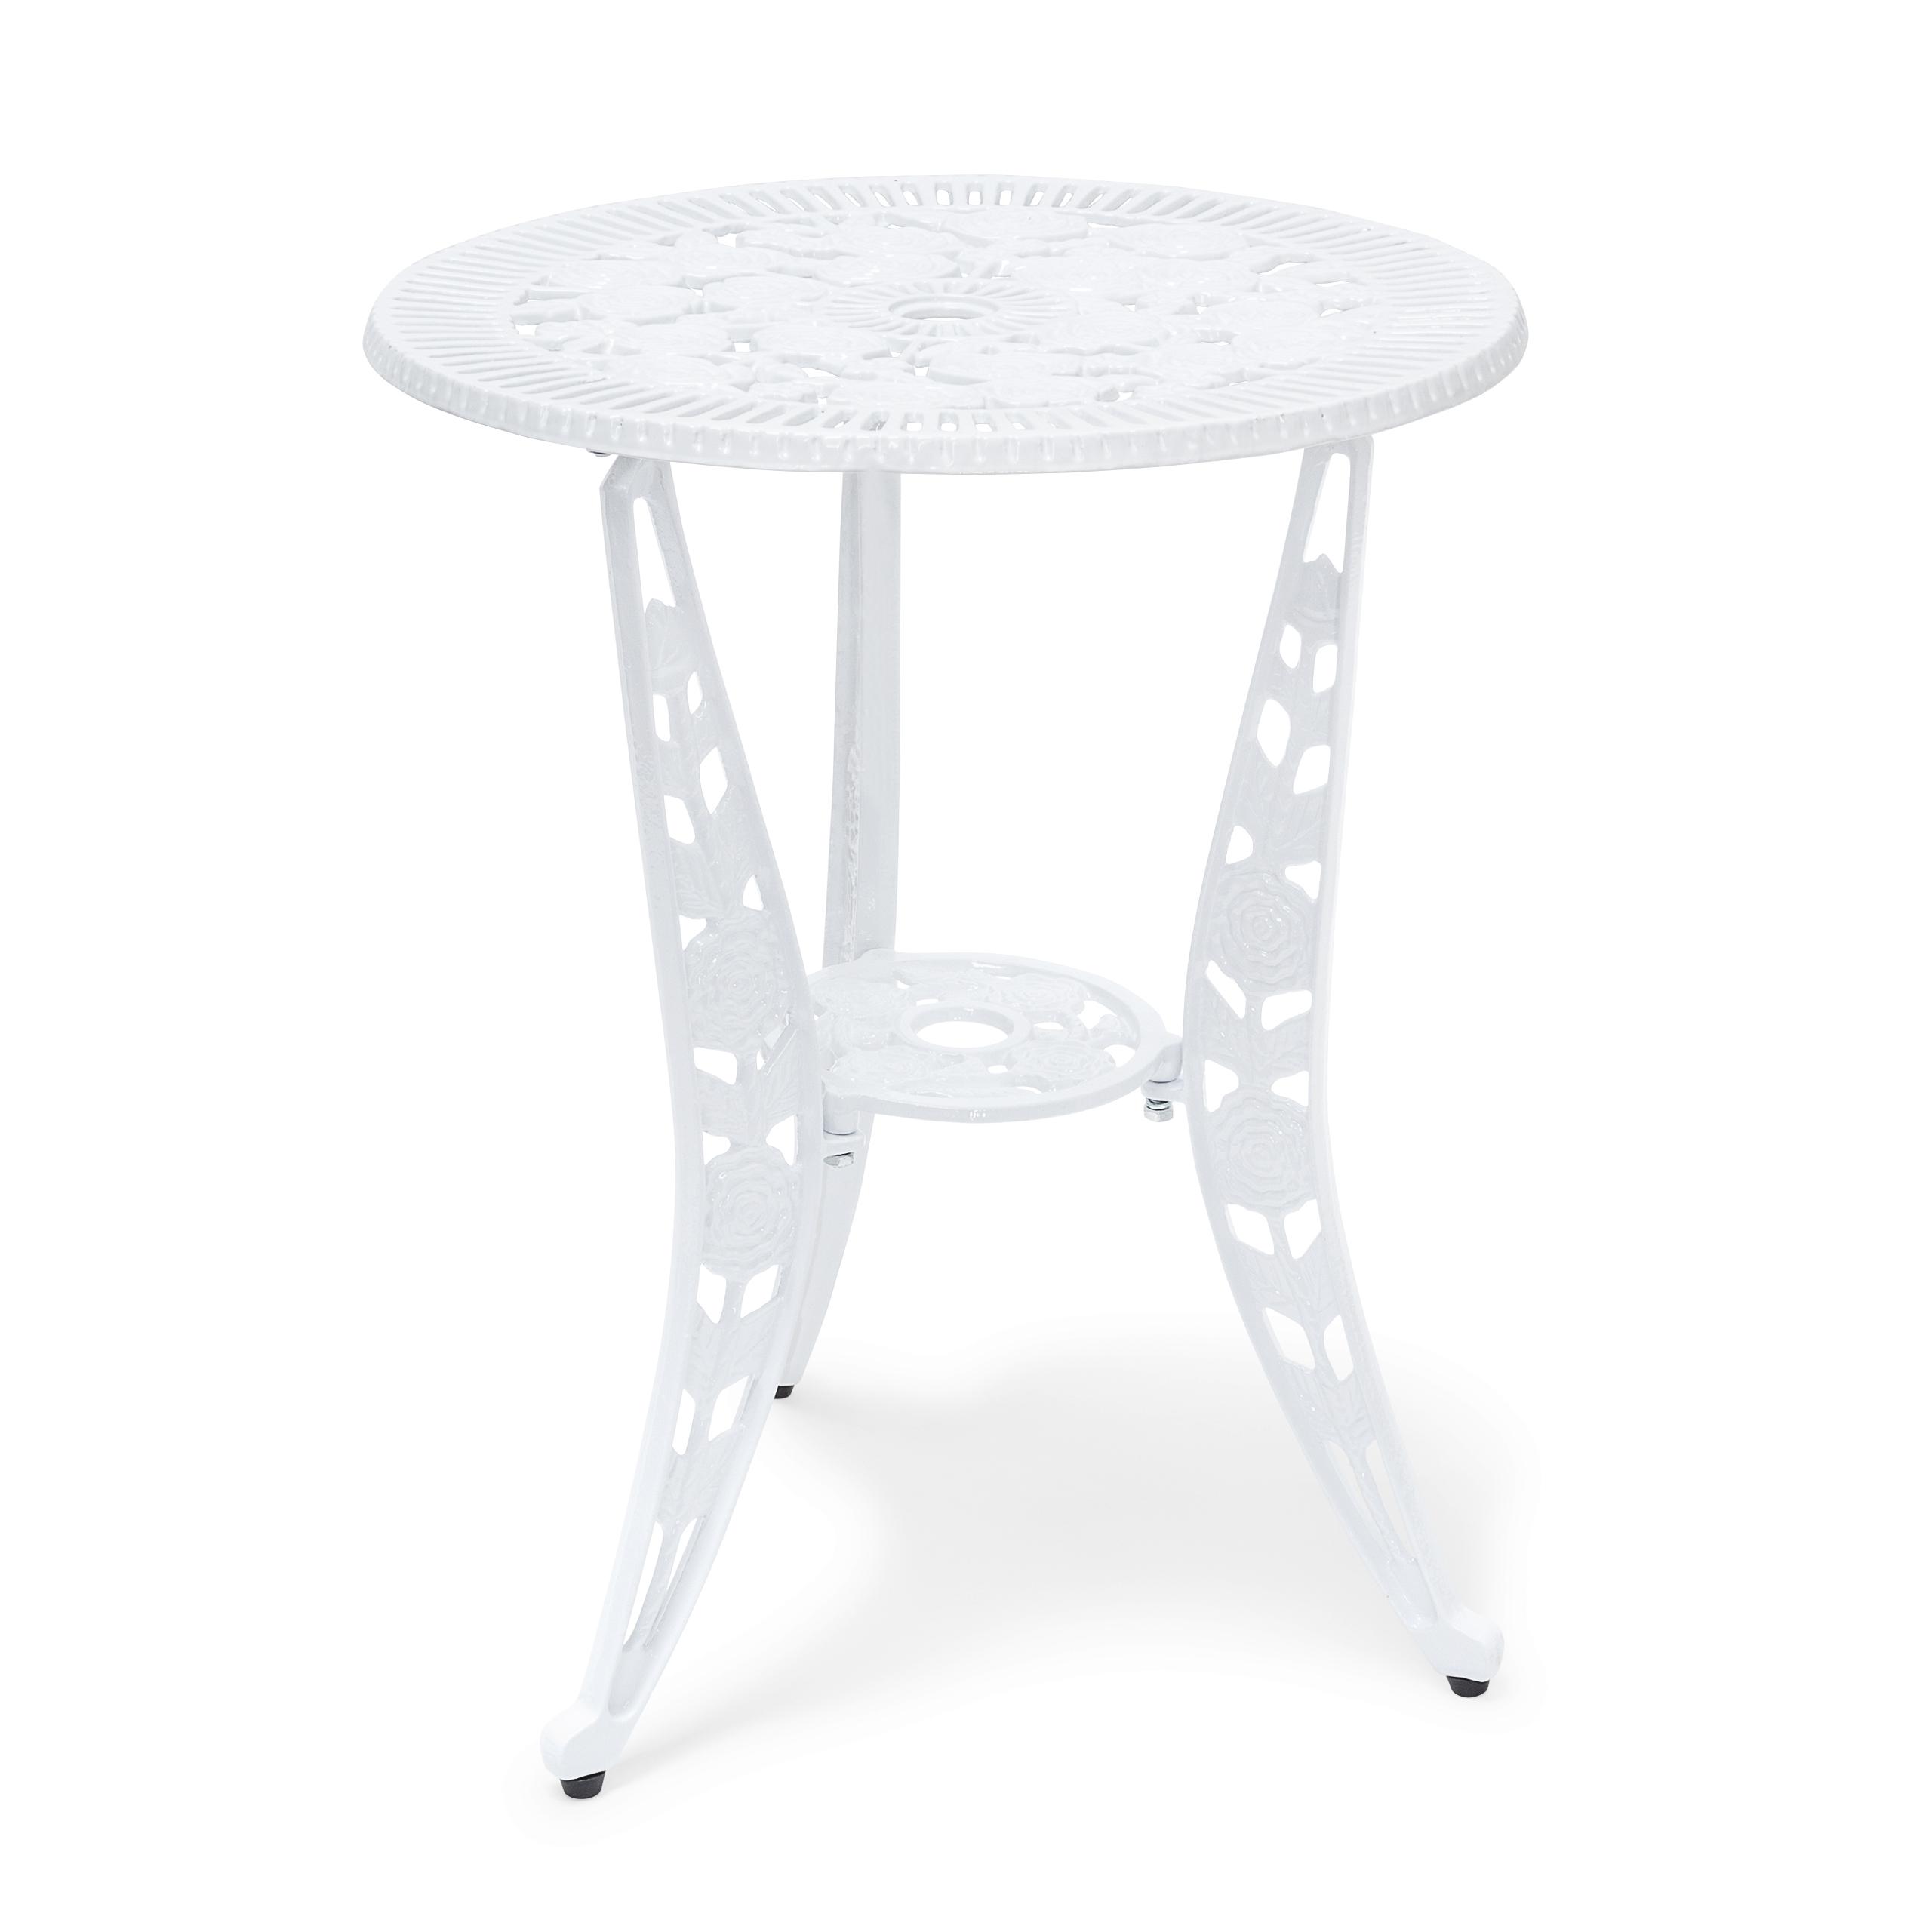 Bistrotisch Gartenmobel Mobel Fur Bistro Tisch Terrasse Gartentisch